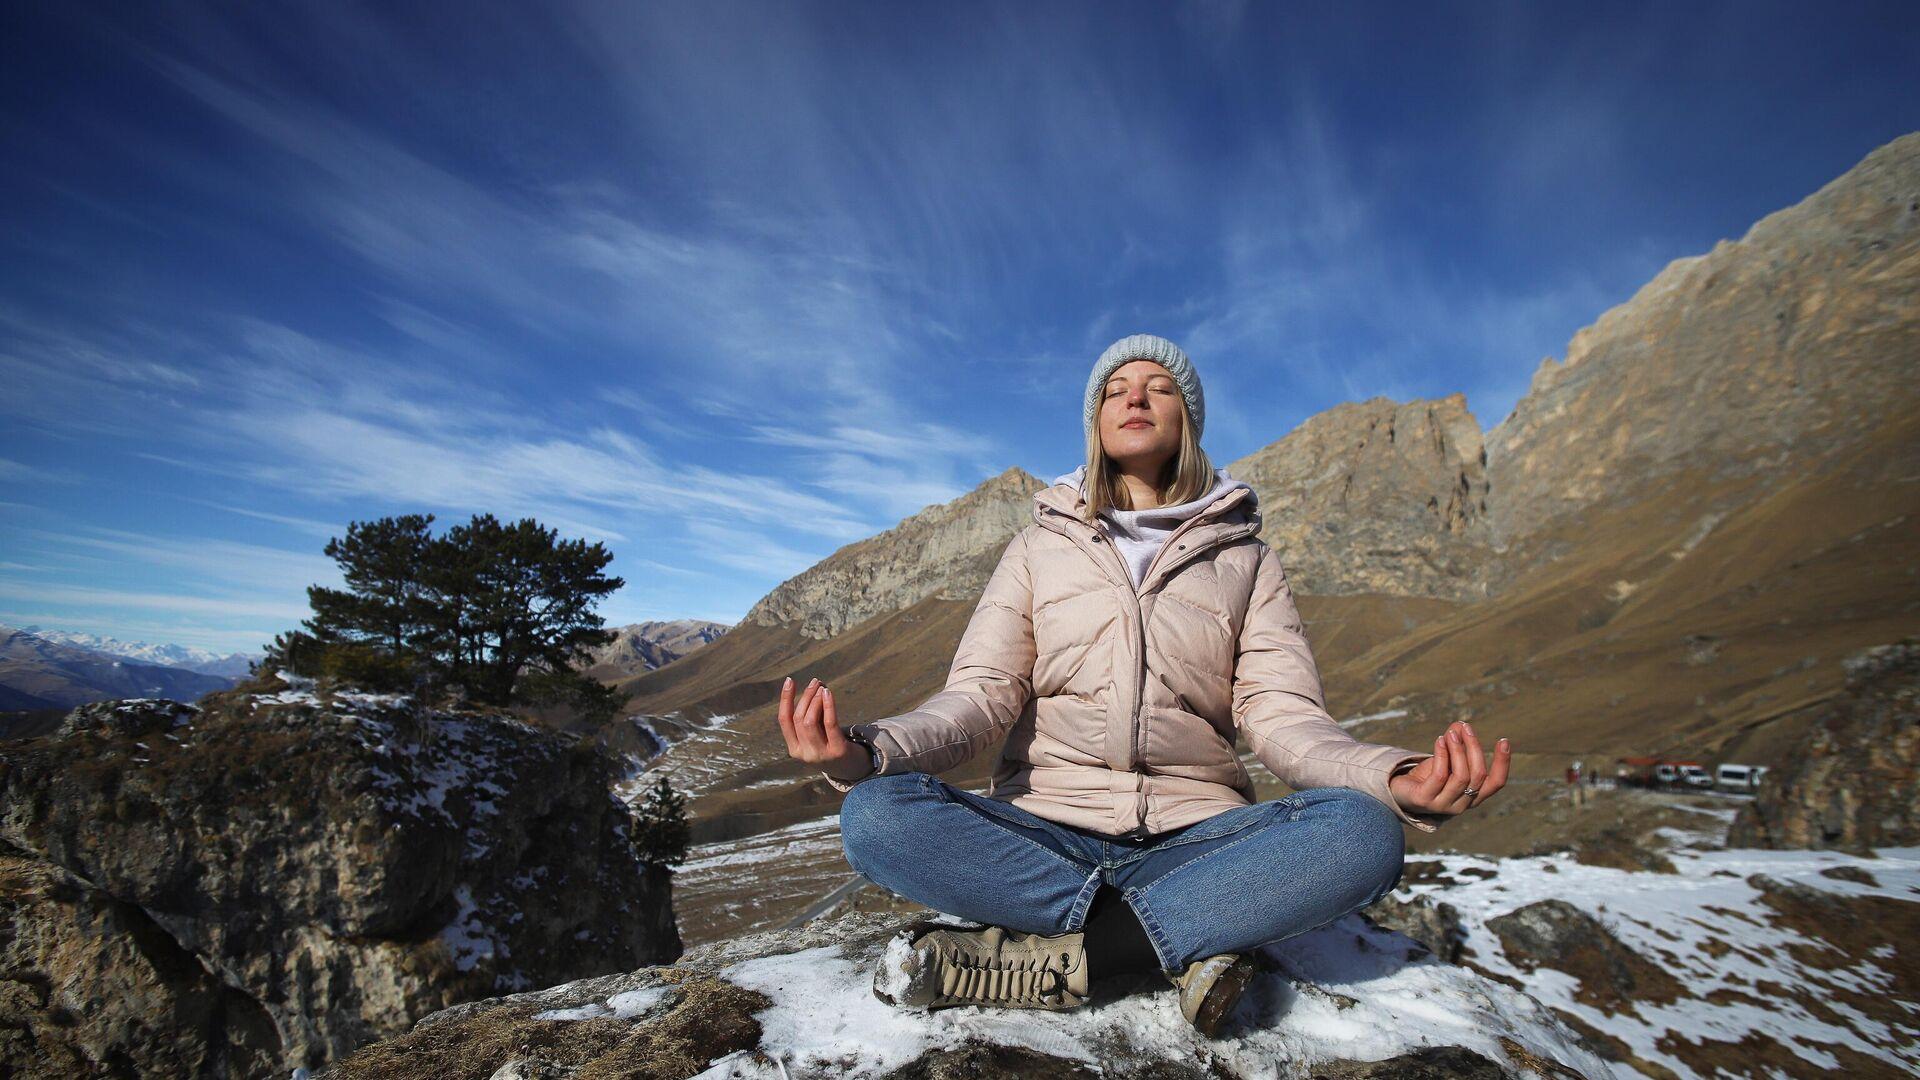 Девушка медитирует на на территории Цей-Лоамского перевала - РИА Новости, 1920, 14.01.2021